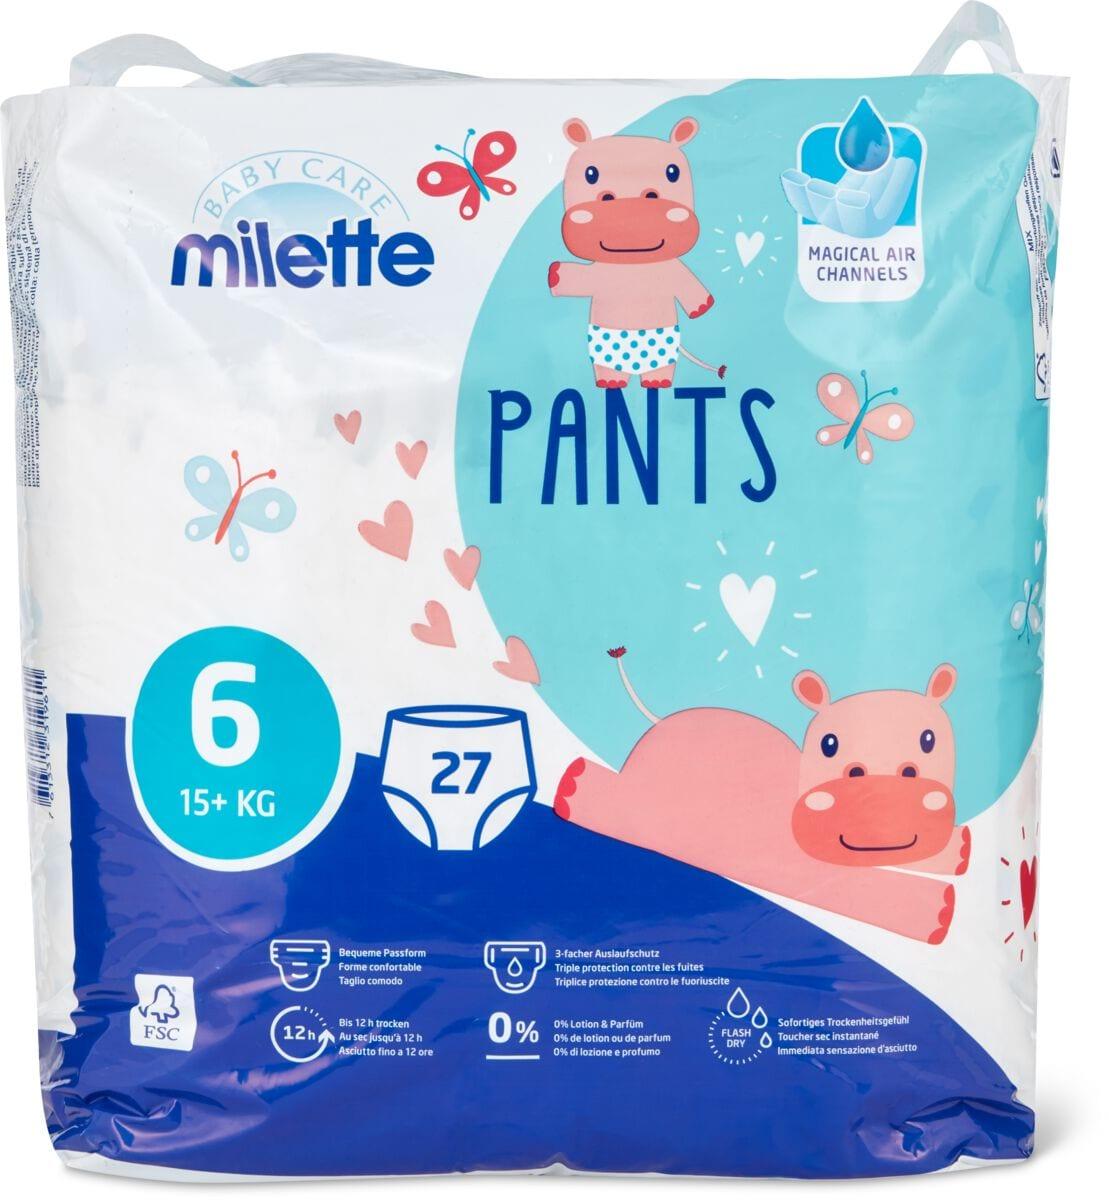 Milette Pants 6